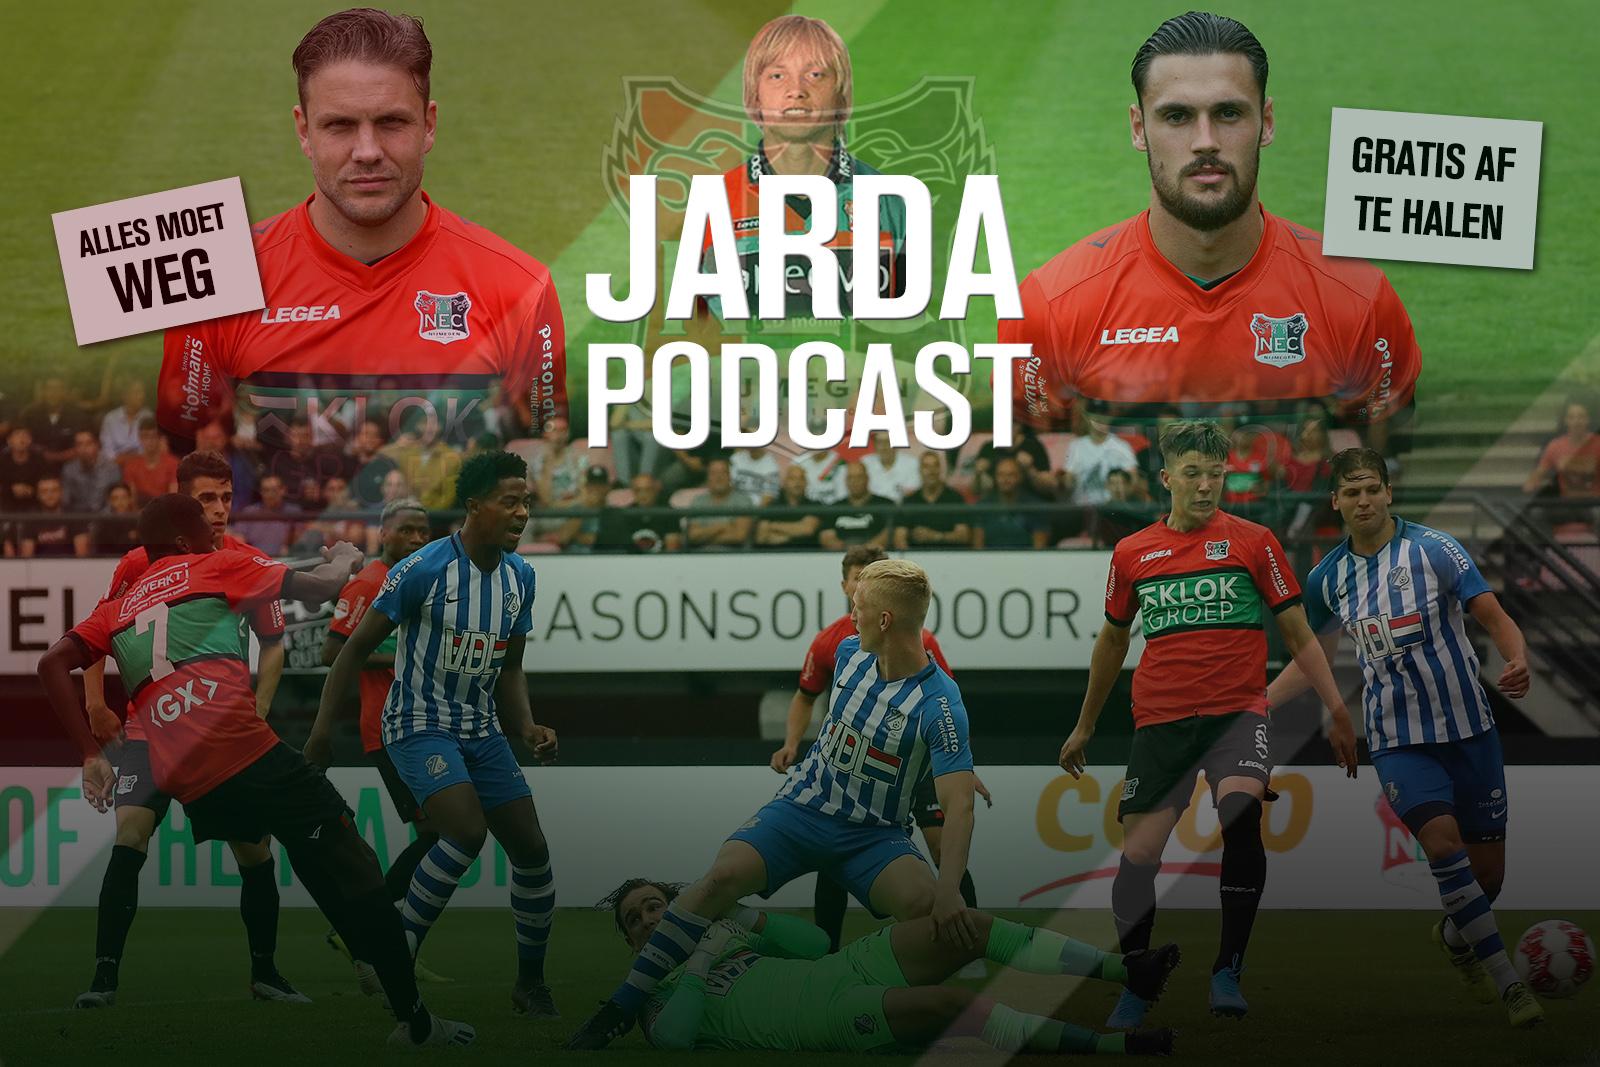 Jarda Podcast #16: Bijltjesdag en ons oordeel over de competitiestart